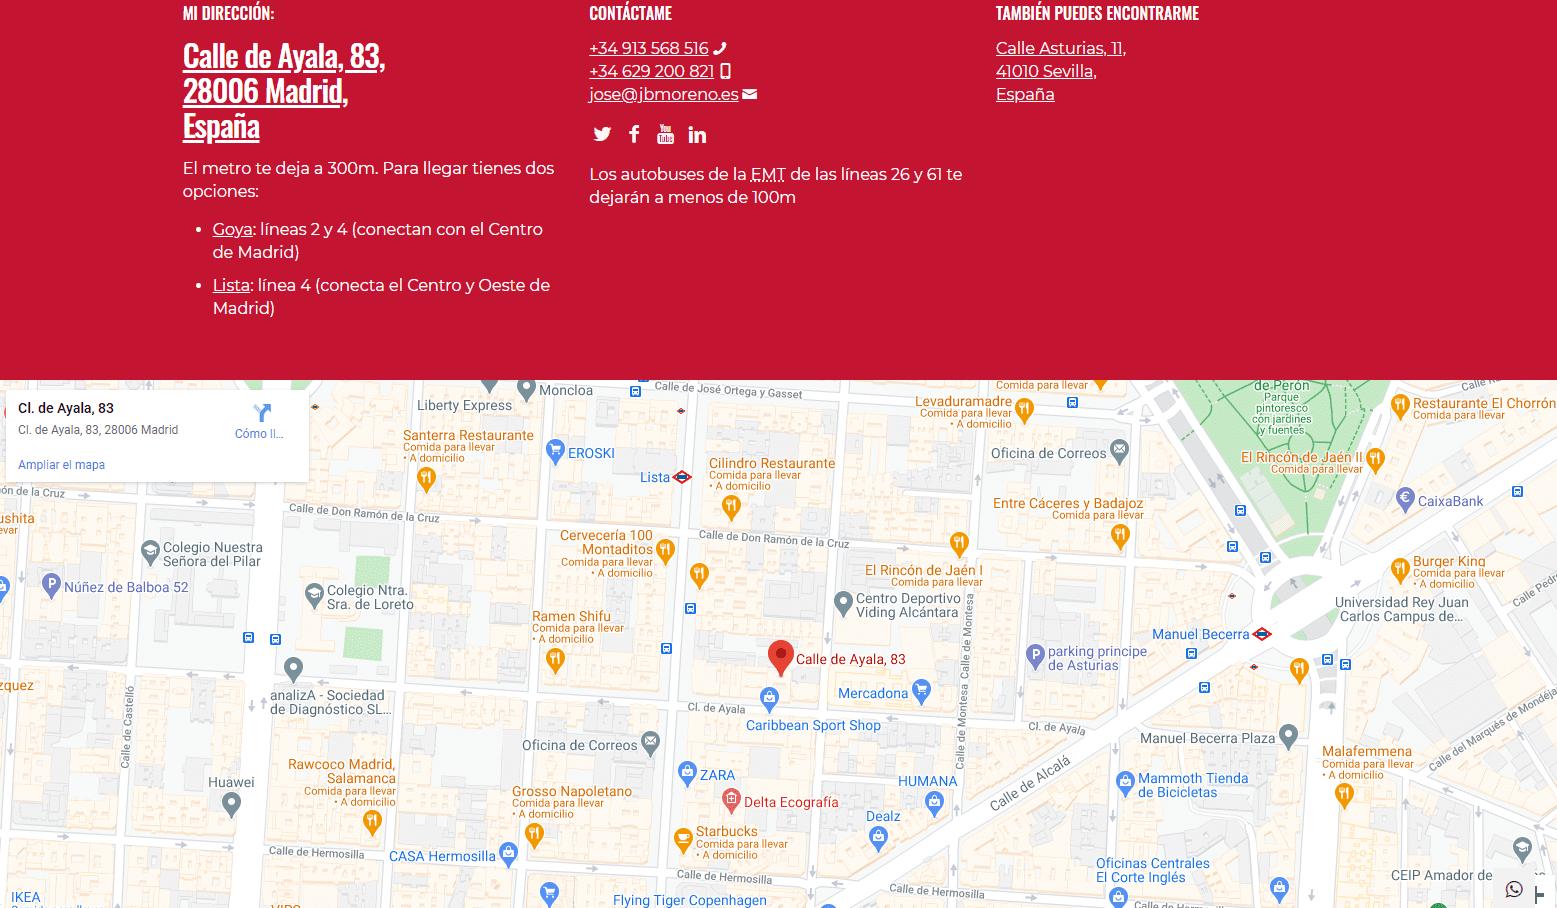 Detalle de la página de contacto optimizada para posicionamiento en Google Maps